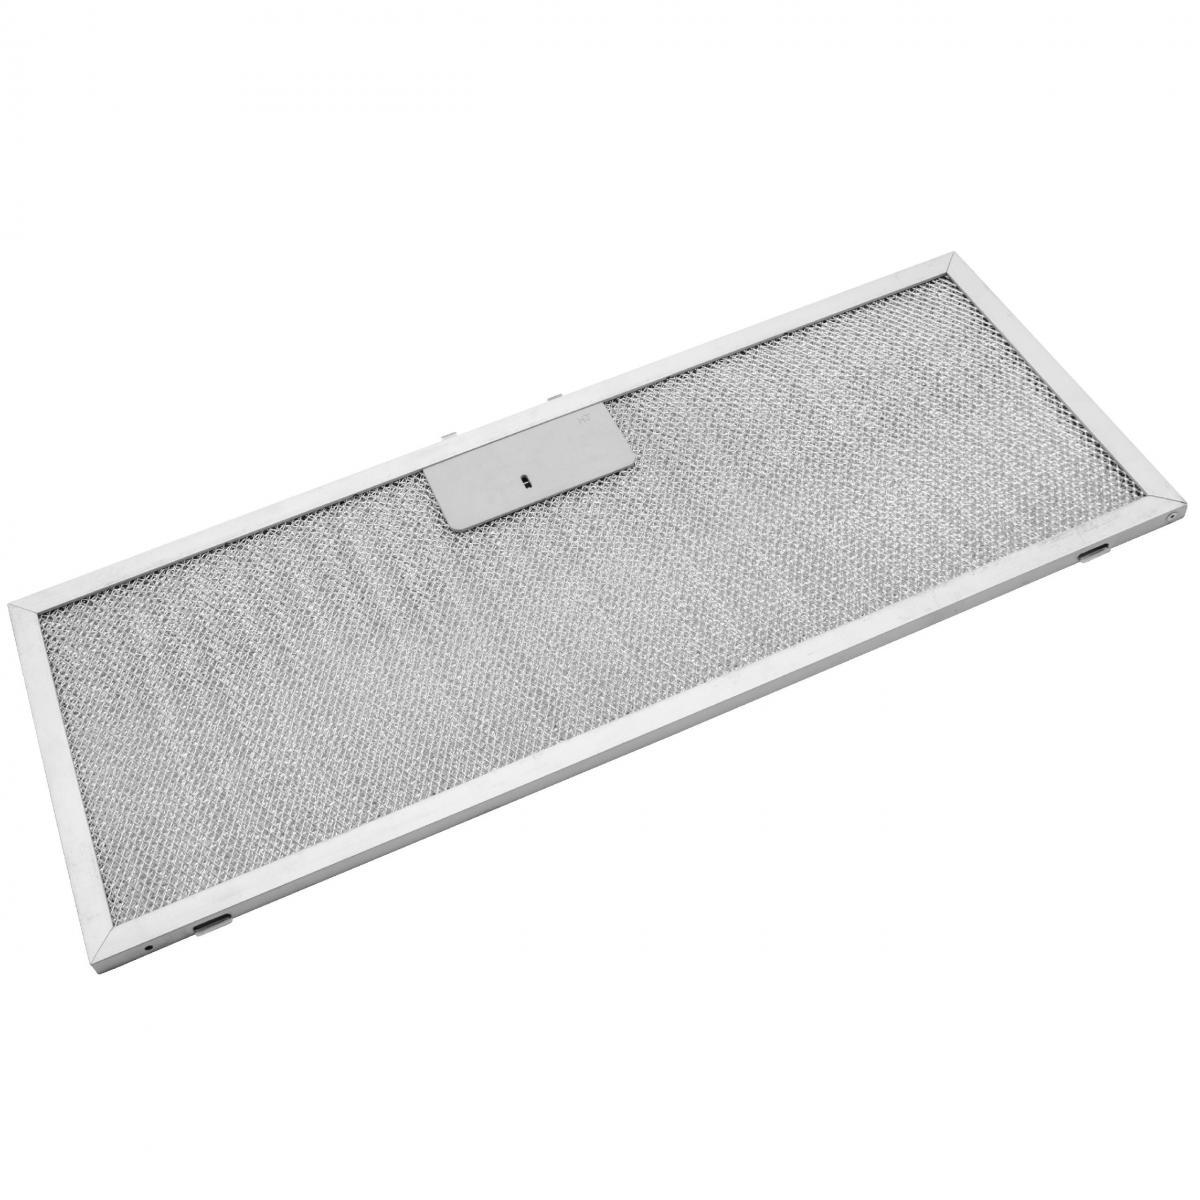 Vhbw vhbw Filtrepermanent filtre à graisse métallique 45,9 x 17,7 x 0,85 cm convient pour Whirlpool AKR 604, AKR 605, AKR 606